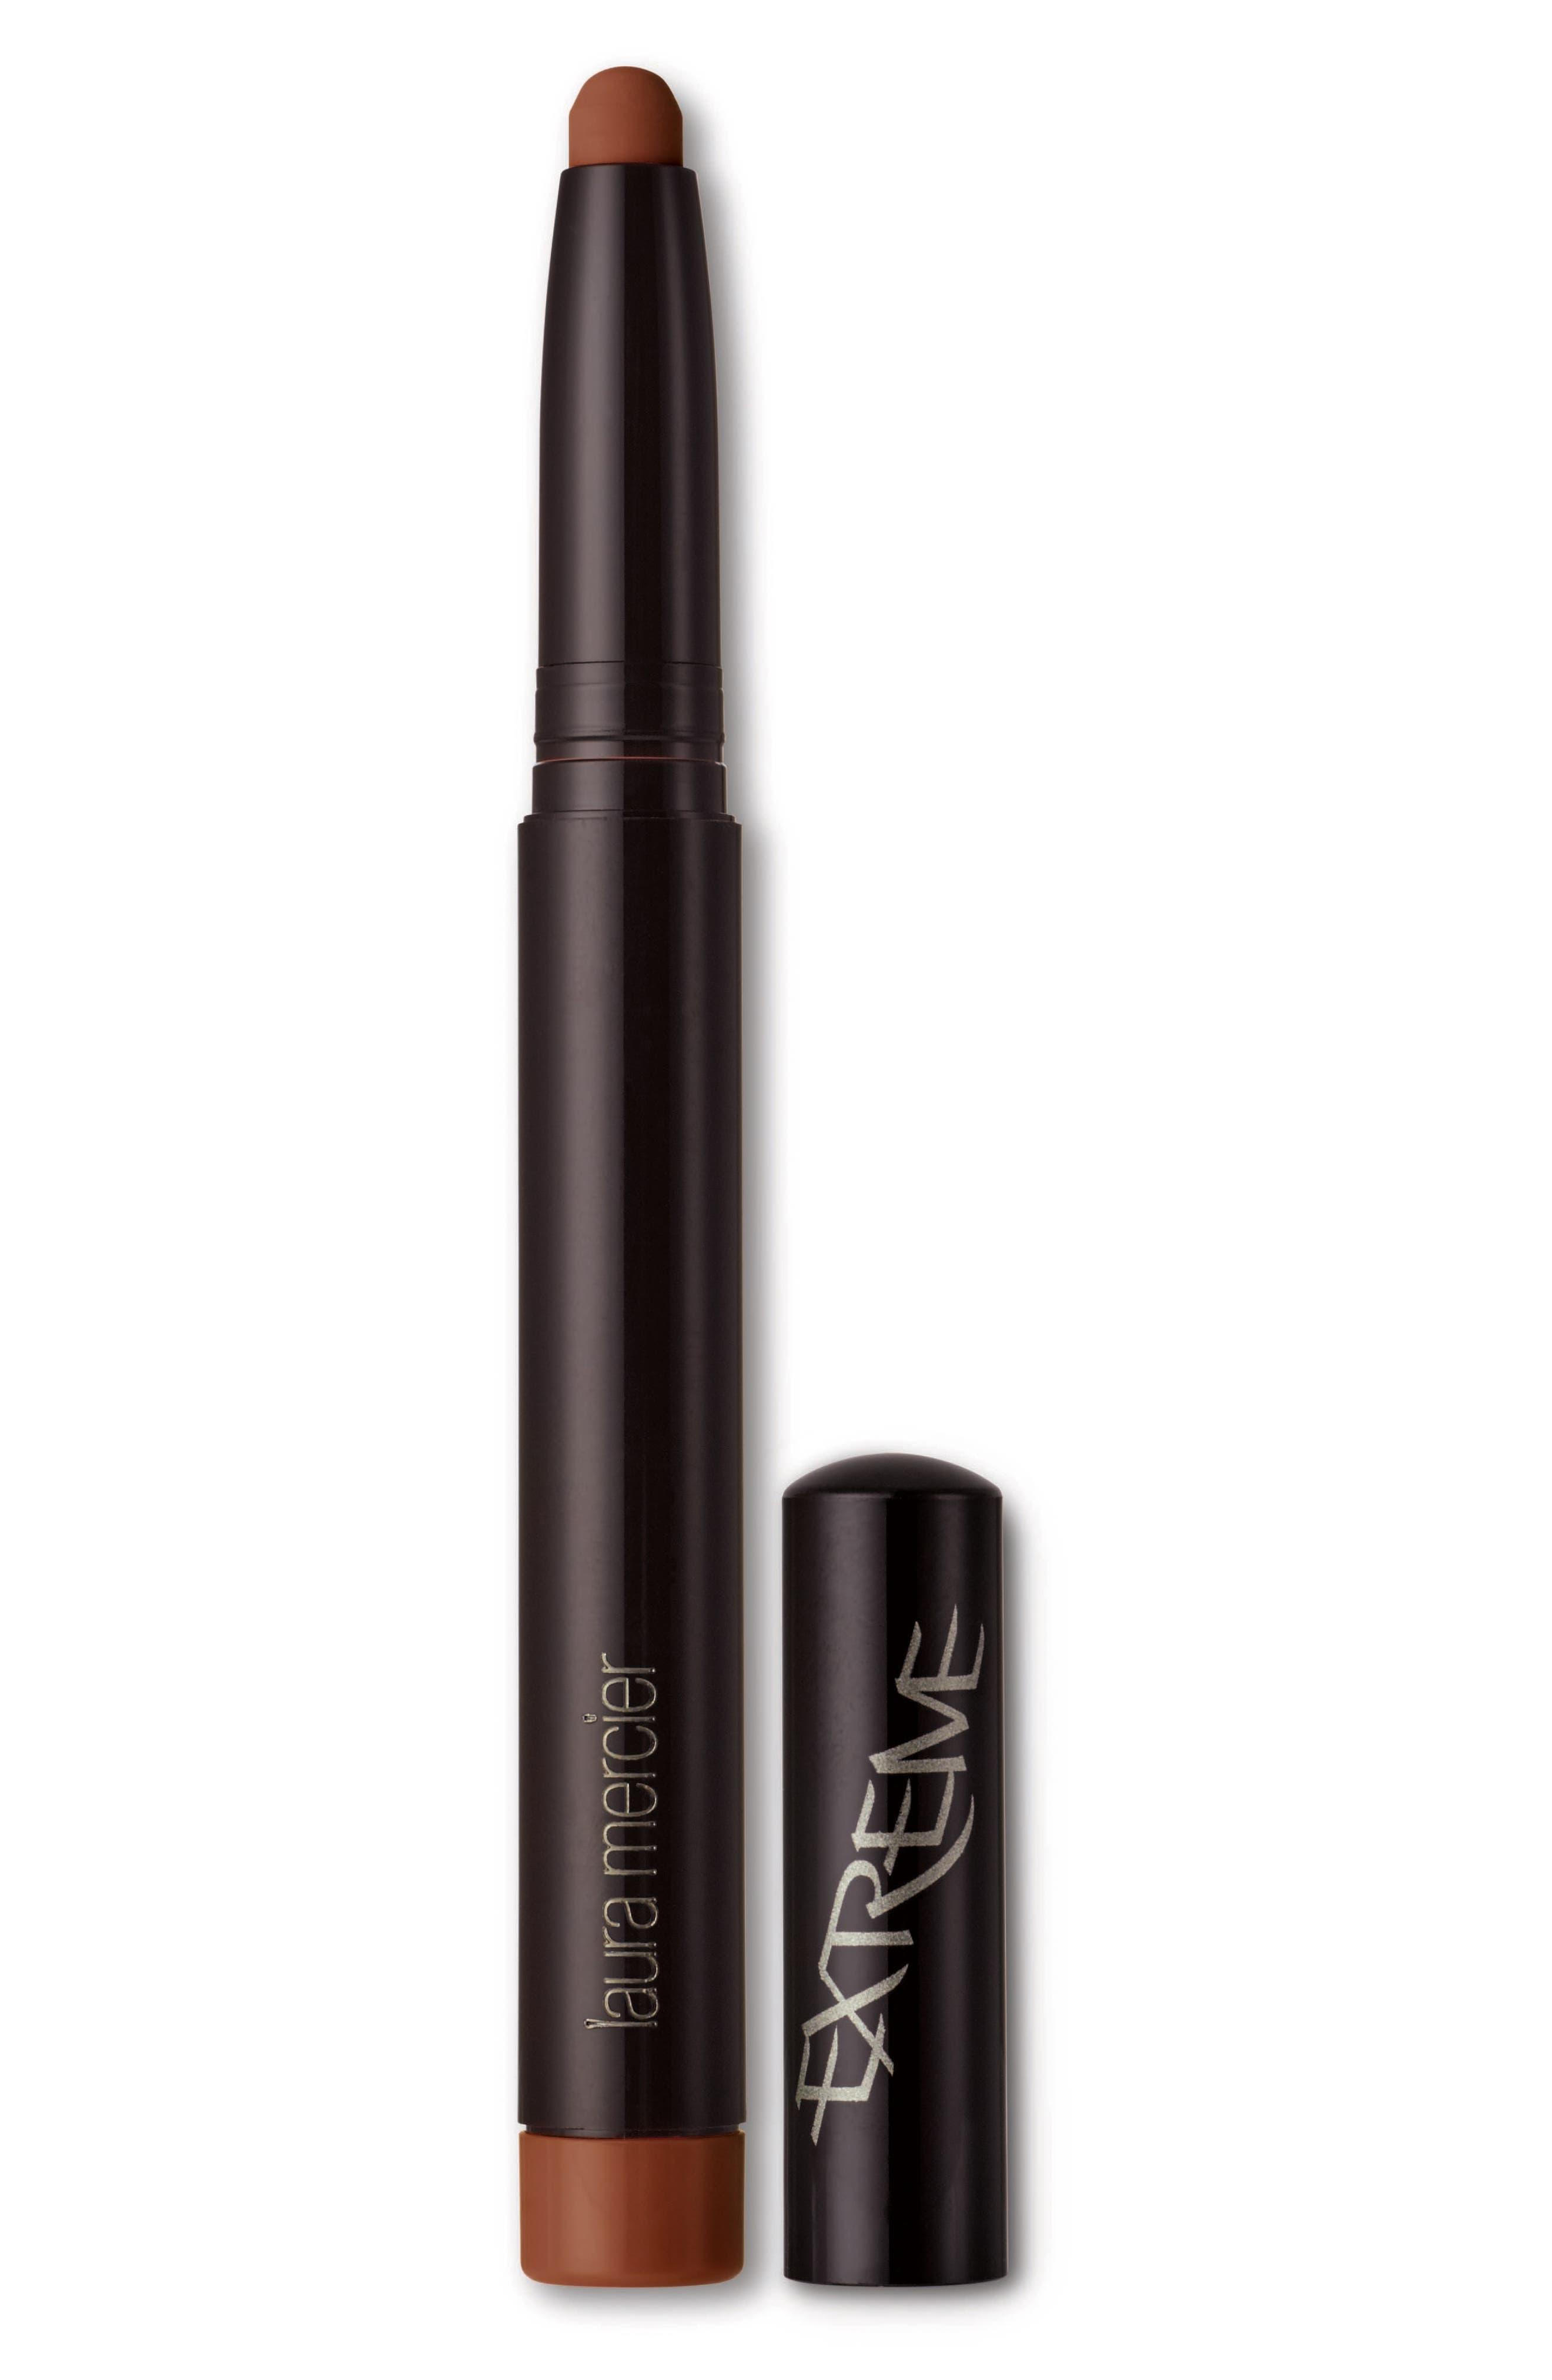 Velour Extreme Matte Lipstick,                         Main,                         color, ROCK